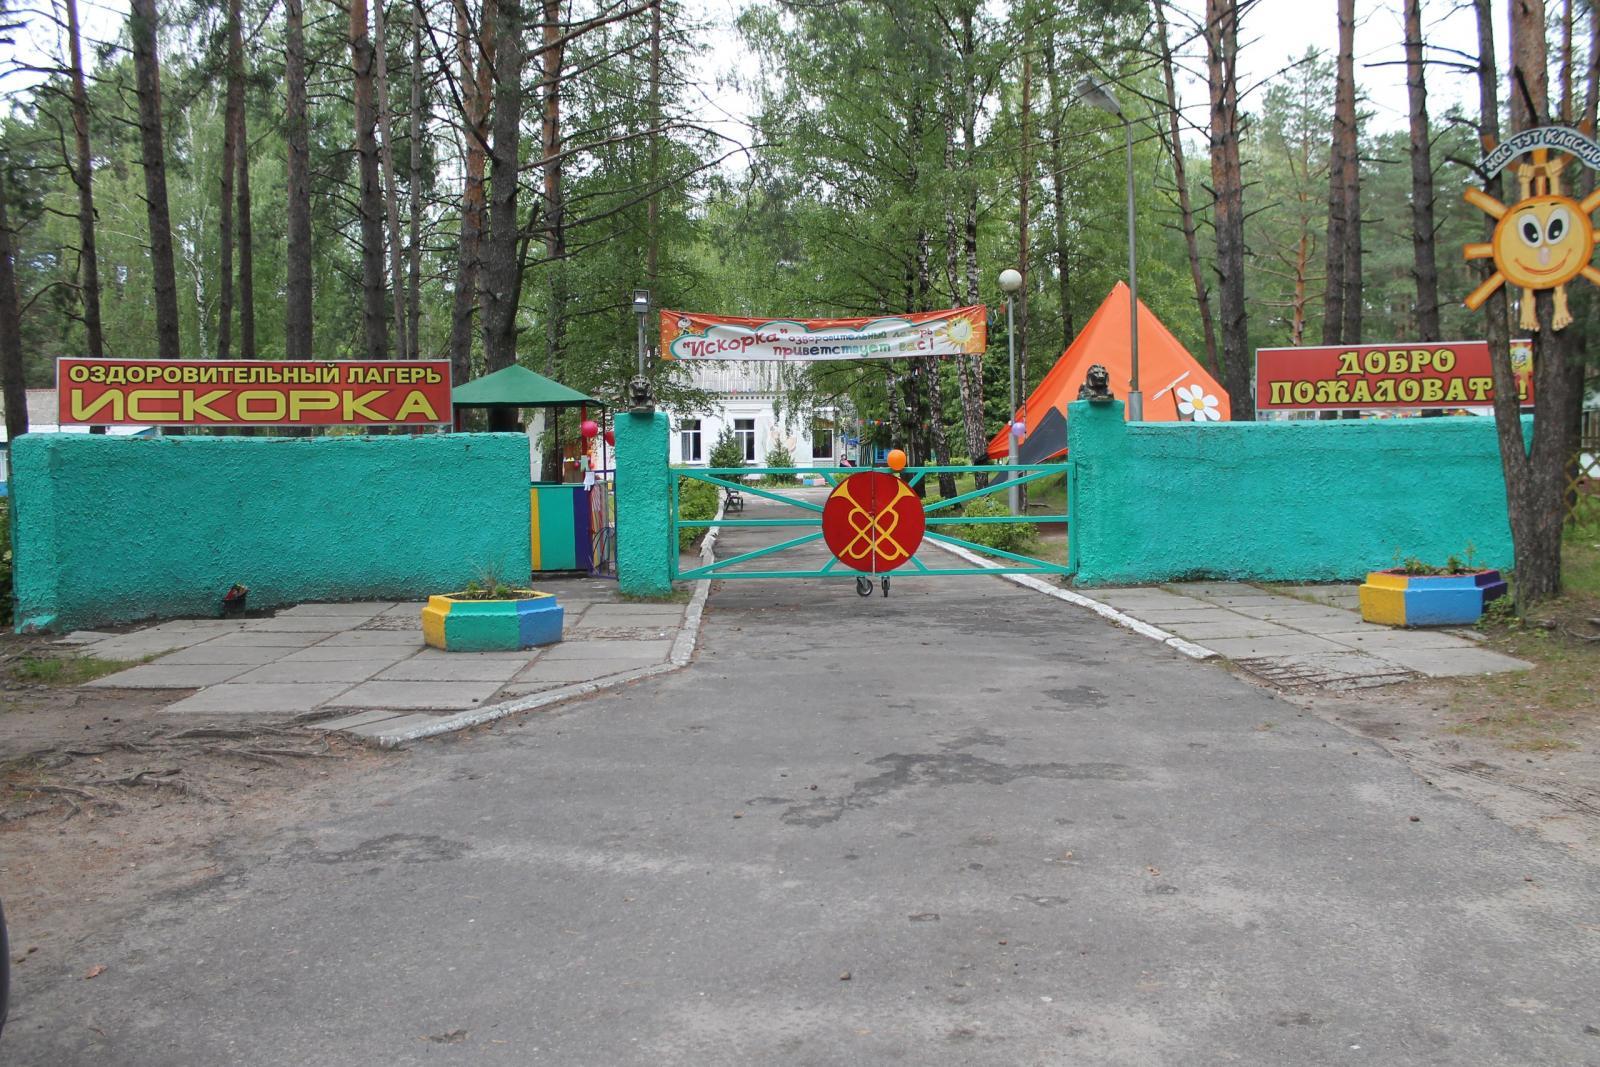 В Брянской области детям выдадут бесплатные путевки в оздоровительный лагерь